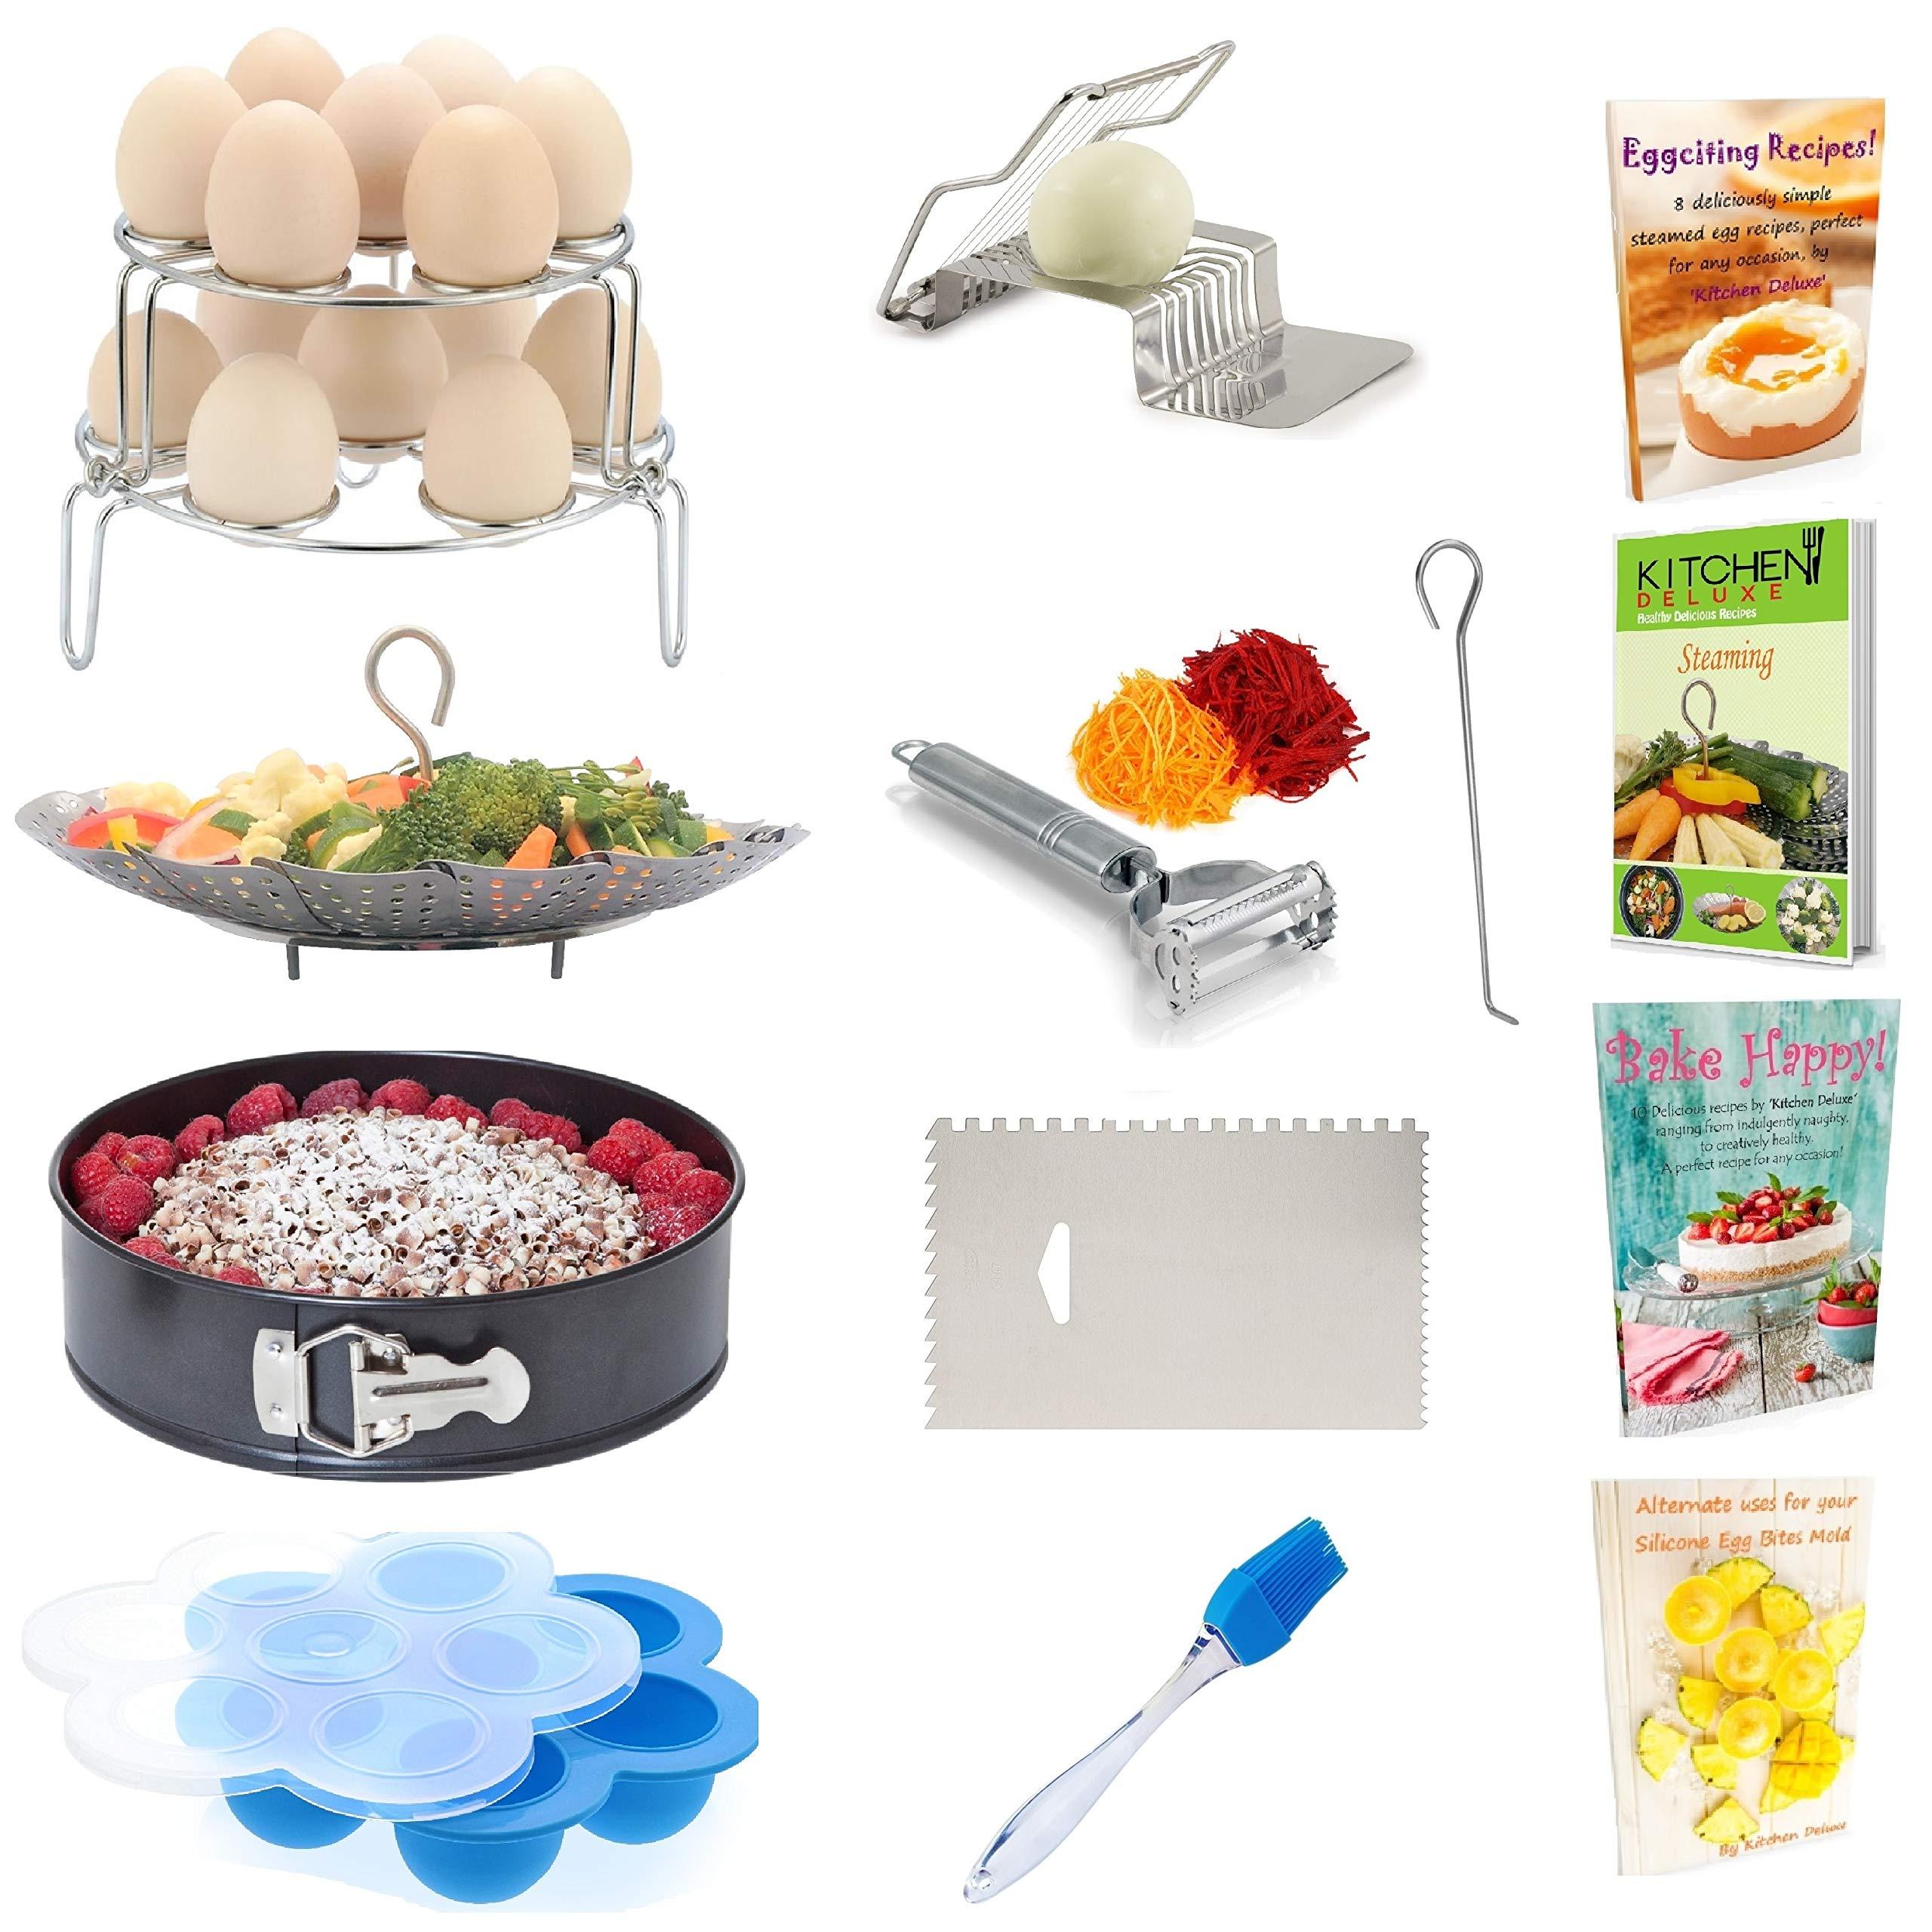 PREMIUM Pressure Cooker Accessories - Steamer Basket, Springform Pan, Egg Rack & Bites Mold - Fits Instant Pot 5, 6 Qt & 8 Quart - Vegetable Peeler, Icing Smoother, Slicer, Pastry Brush + eBooks